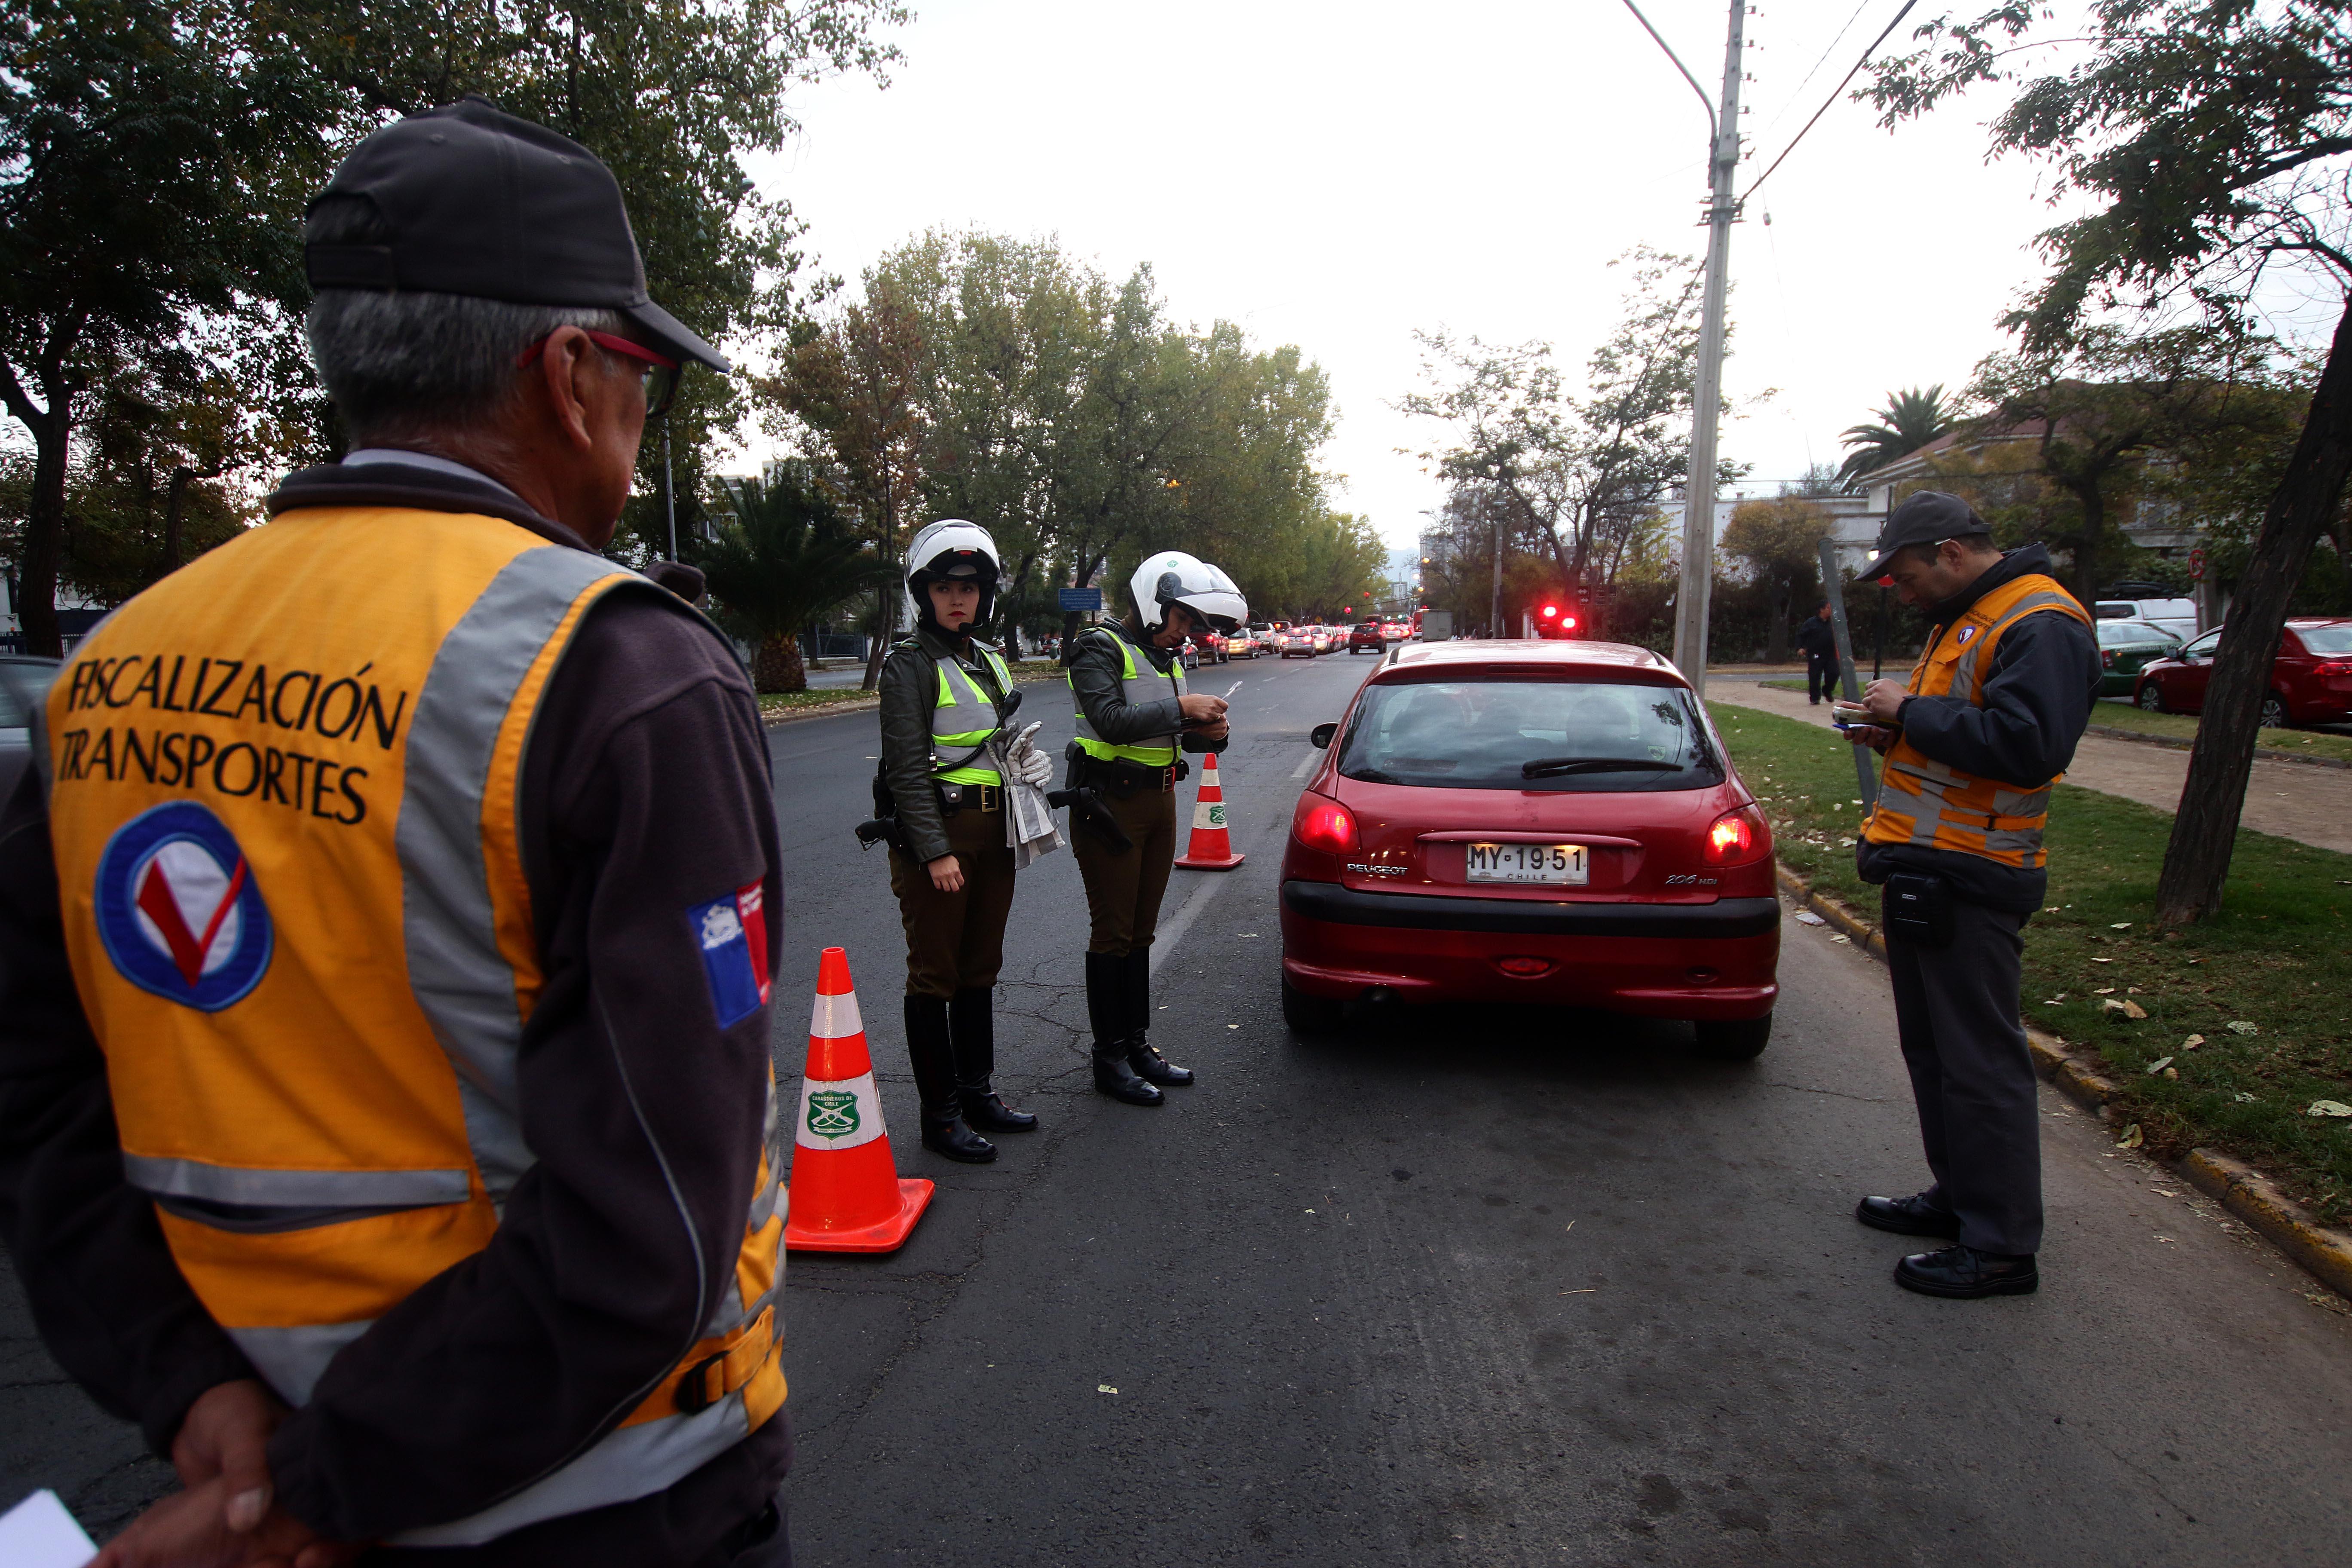 La mayoría empadronados: 24.000 partes en primer mes de restricción vehicular